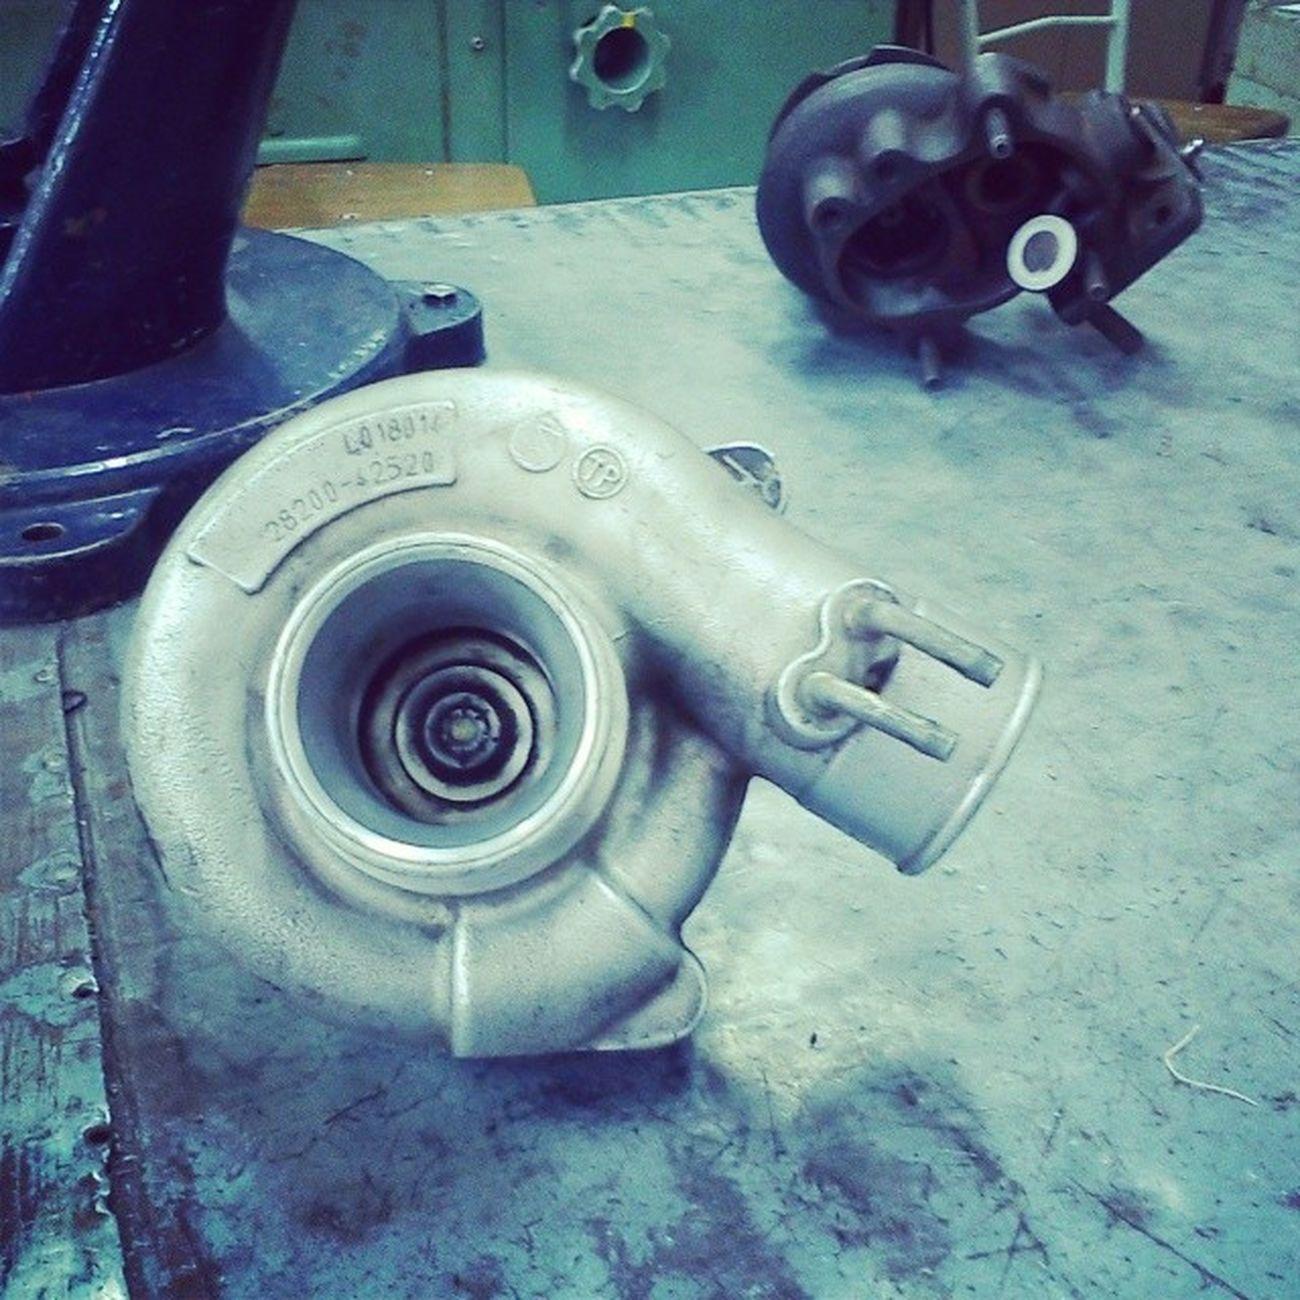 Nada más hermoso que los Motores y este juguetito Turbo Compresor Diesel TurboDiesel Competition